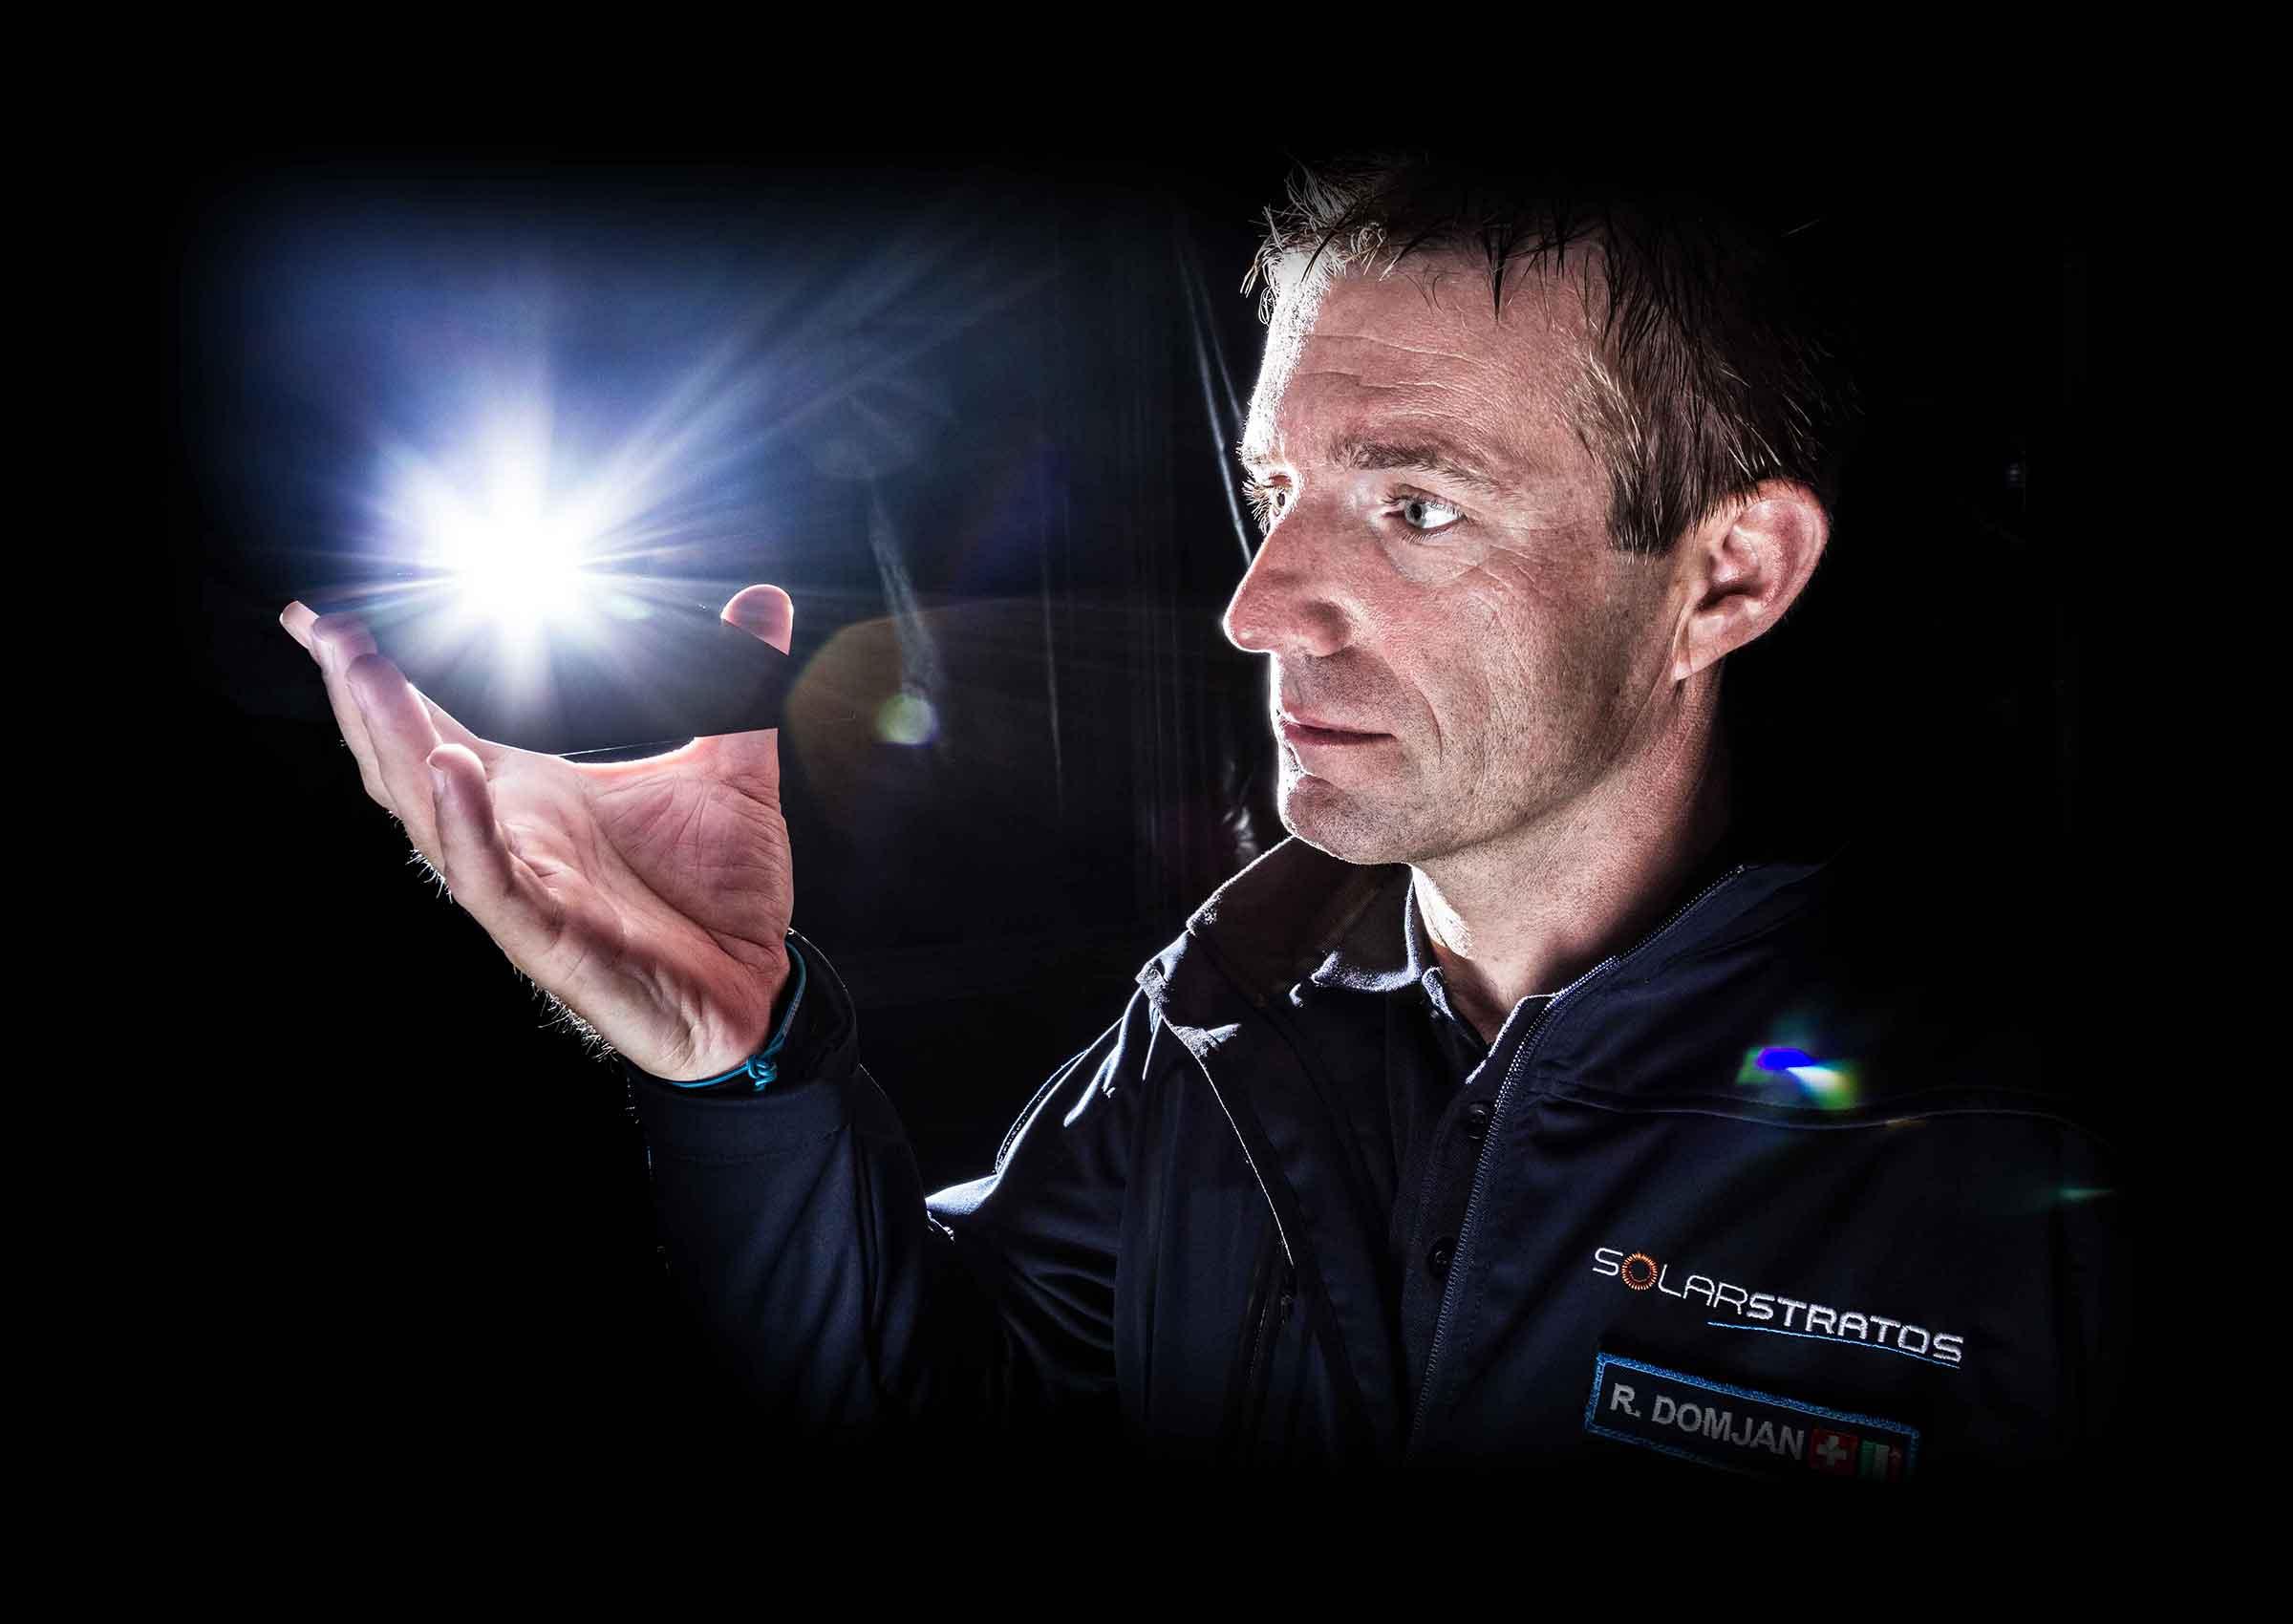 Raphaël-domjan-home-ecoexplorateur-conferencier-climat-change-solarstratos-planetsolar-solaire-tedx-2